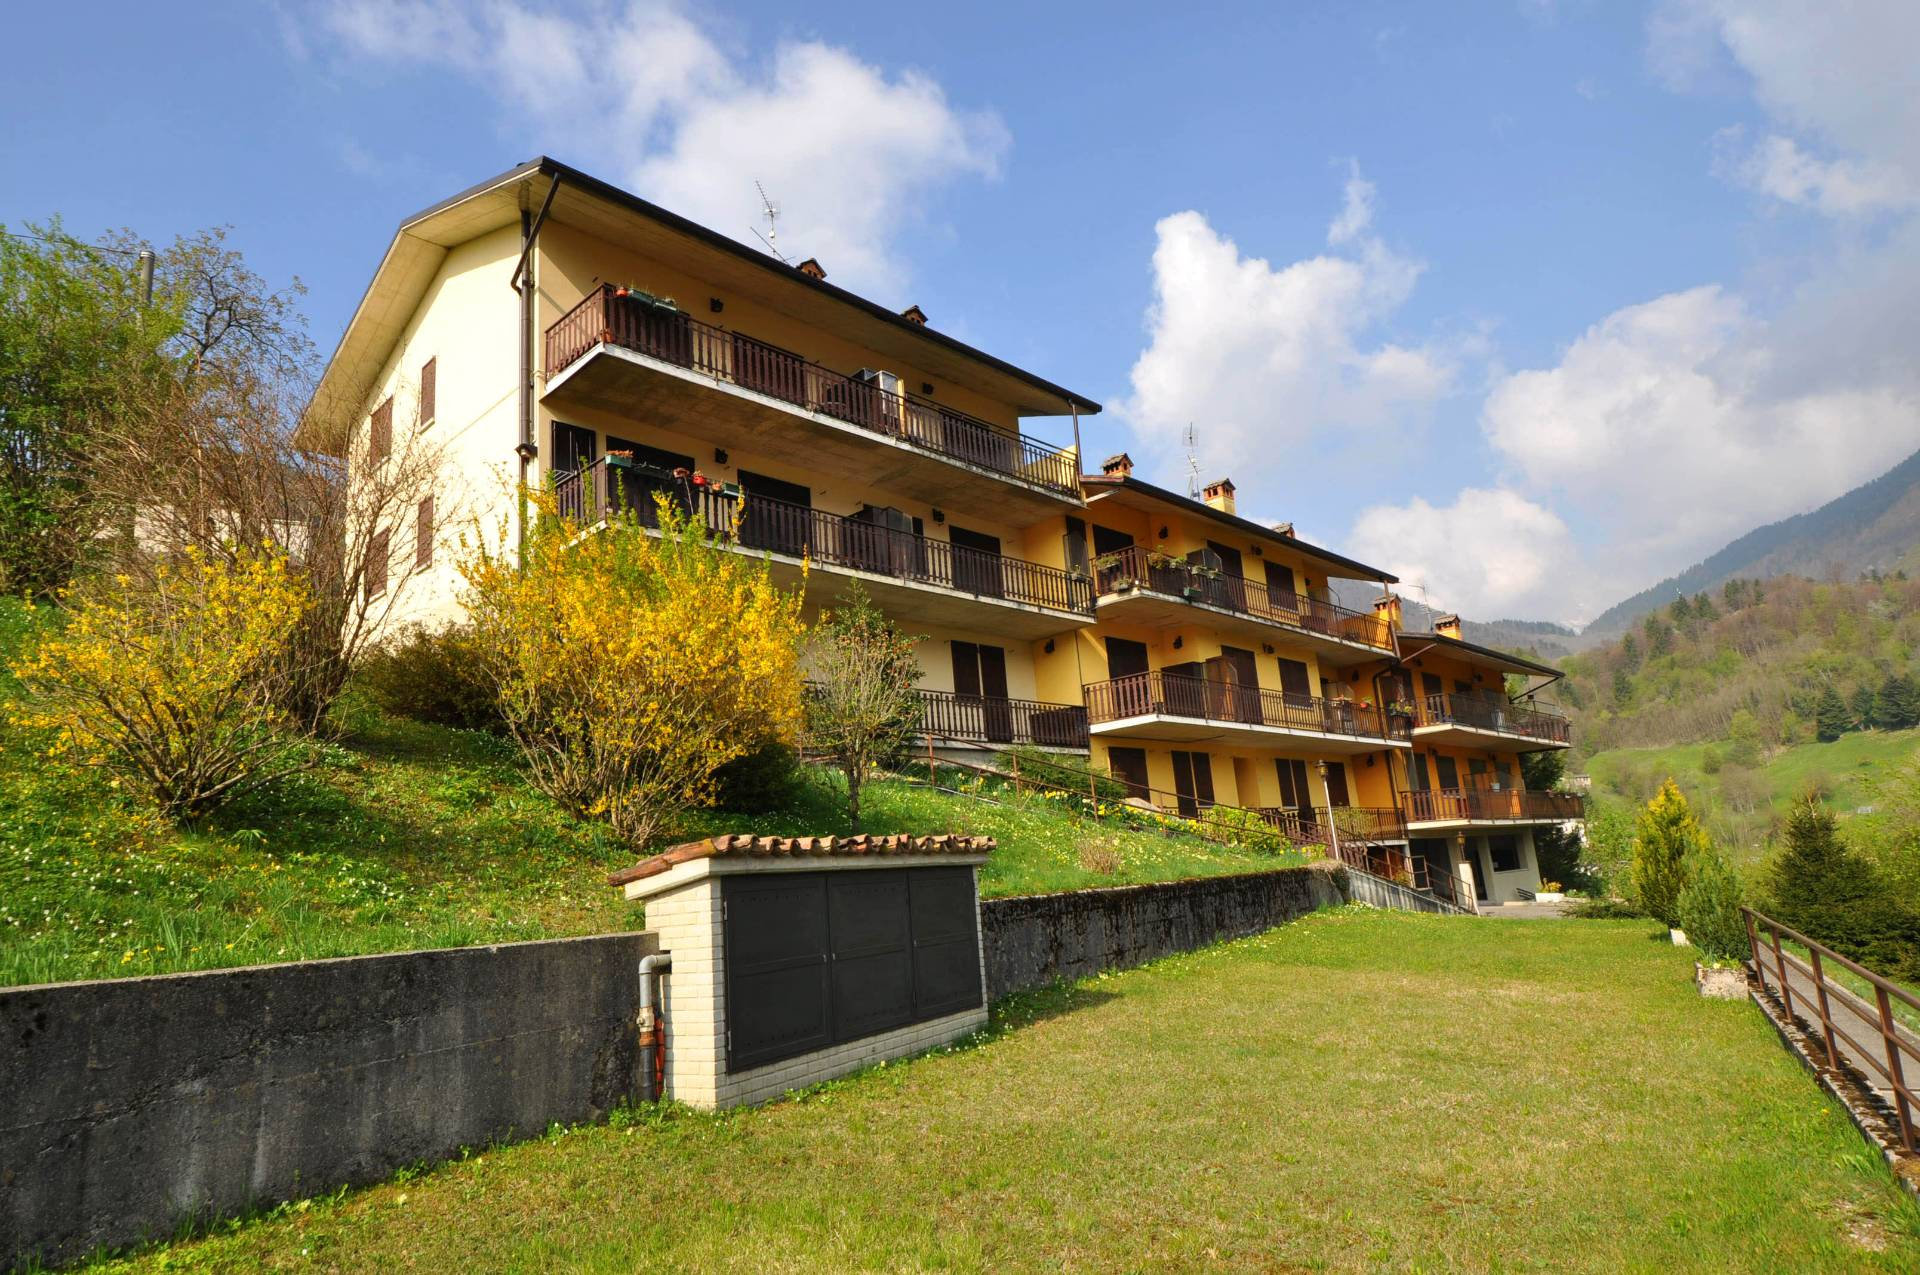 Appartamento in vendita a Santa Brigida, 2 locali, prezzo € 49.900 | Cambio Casa.it